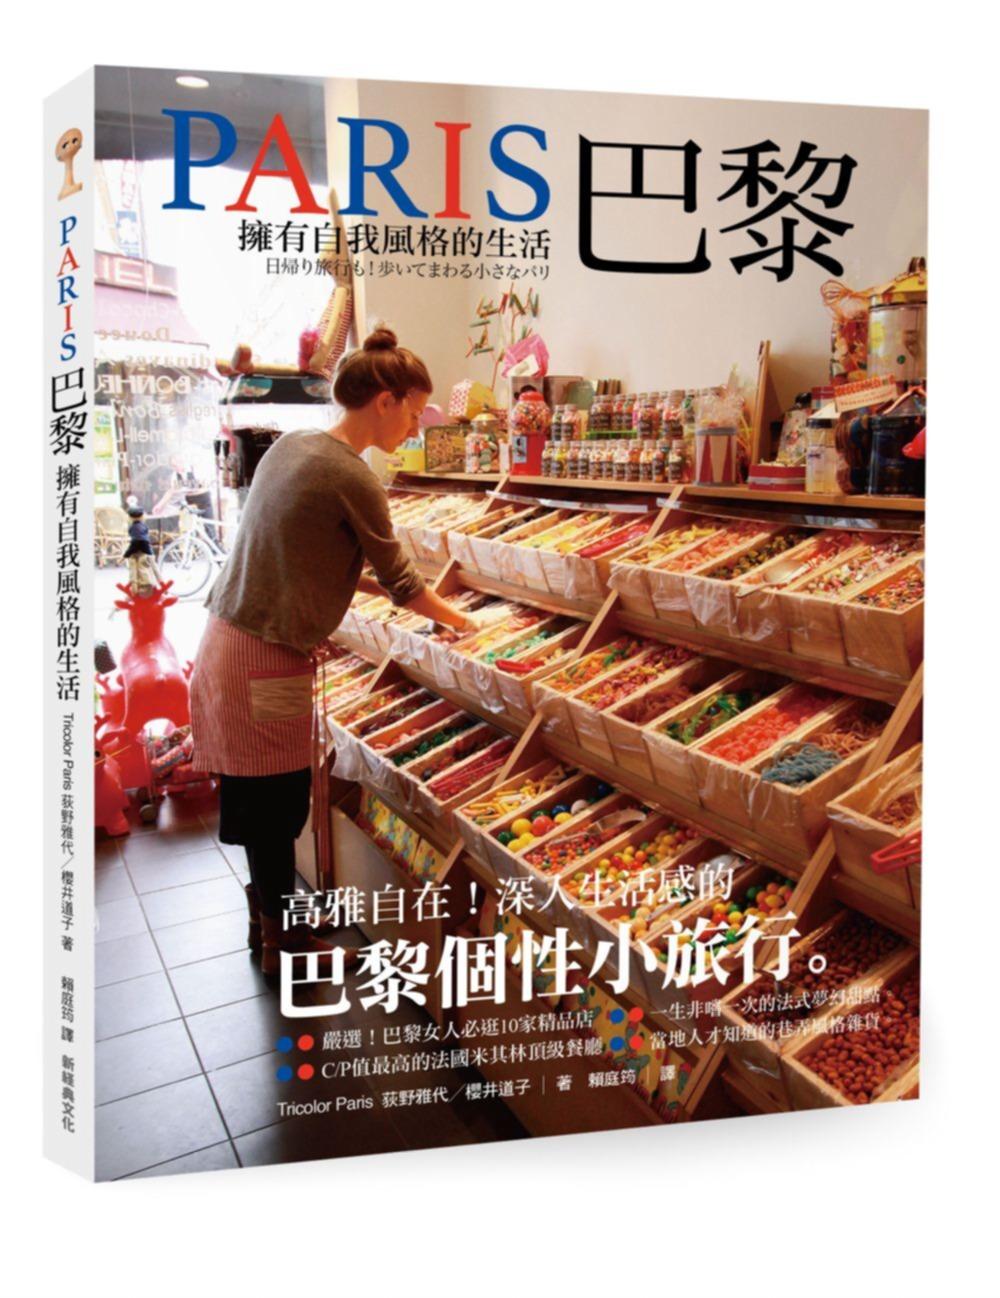 巴黎:擁有自我風格的生活